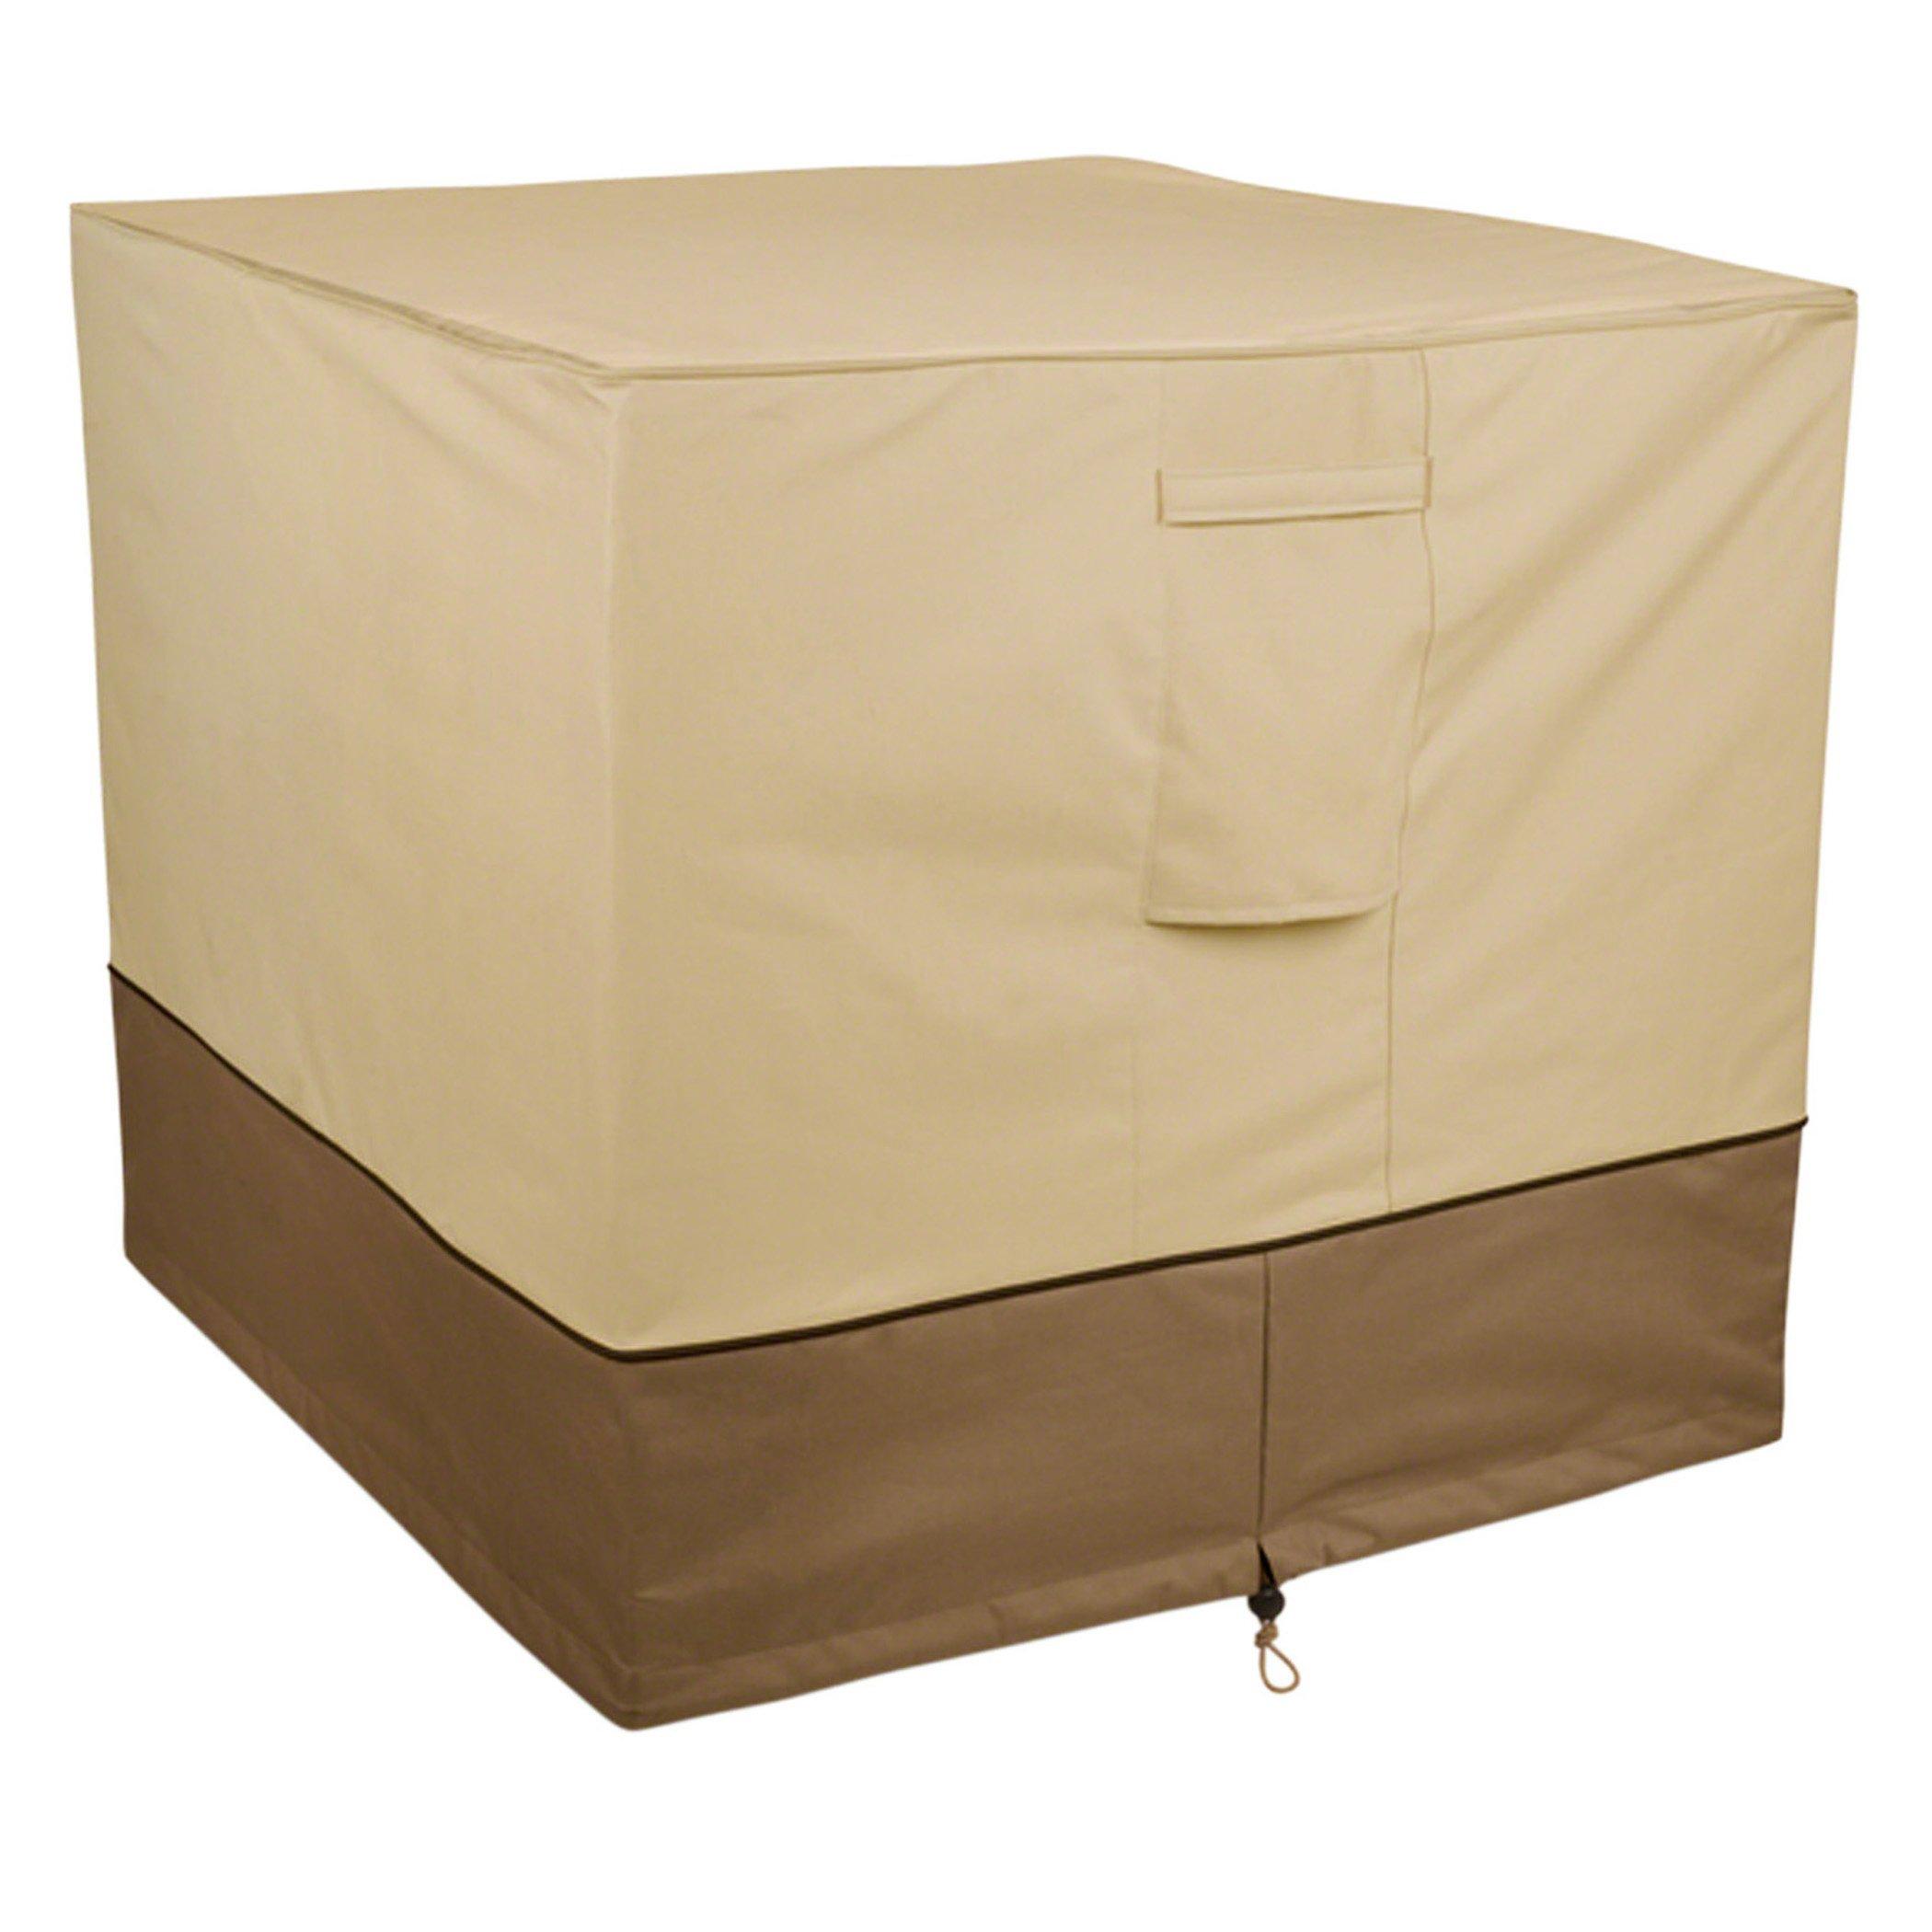 Classic Accessories Veranda Air Conditioner Cover, Square product image